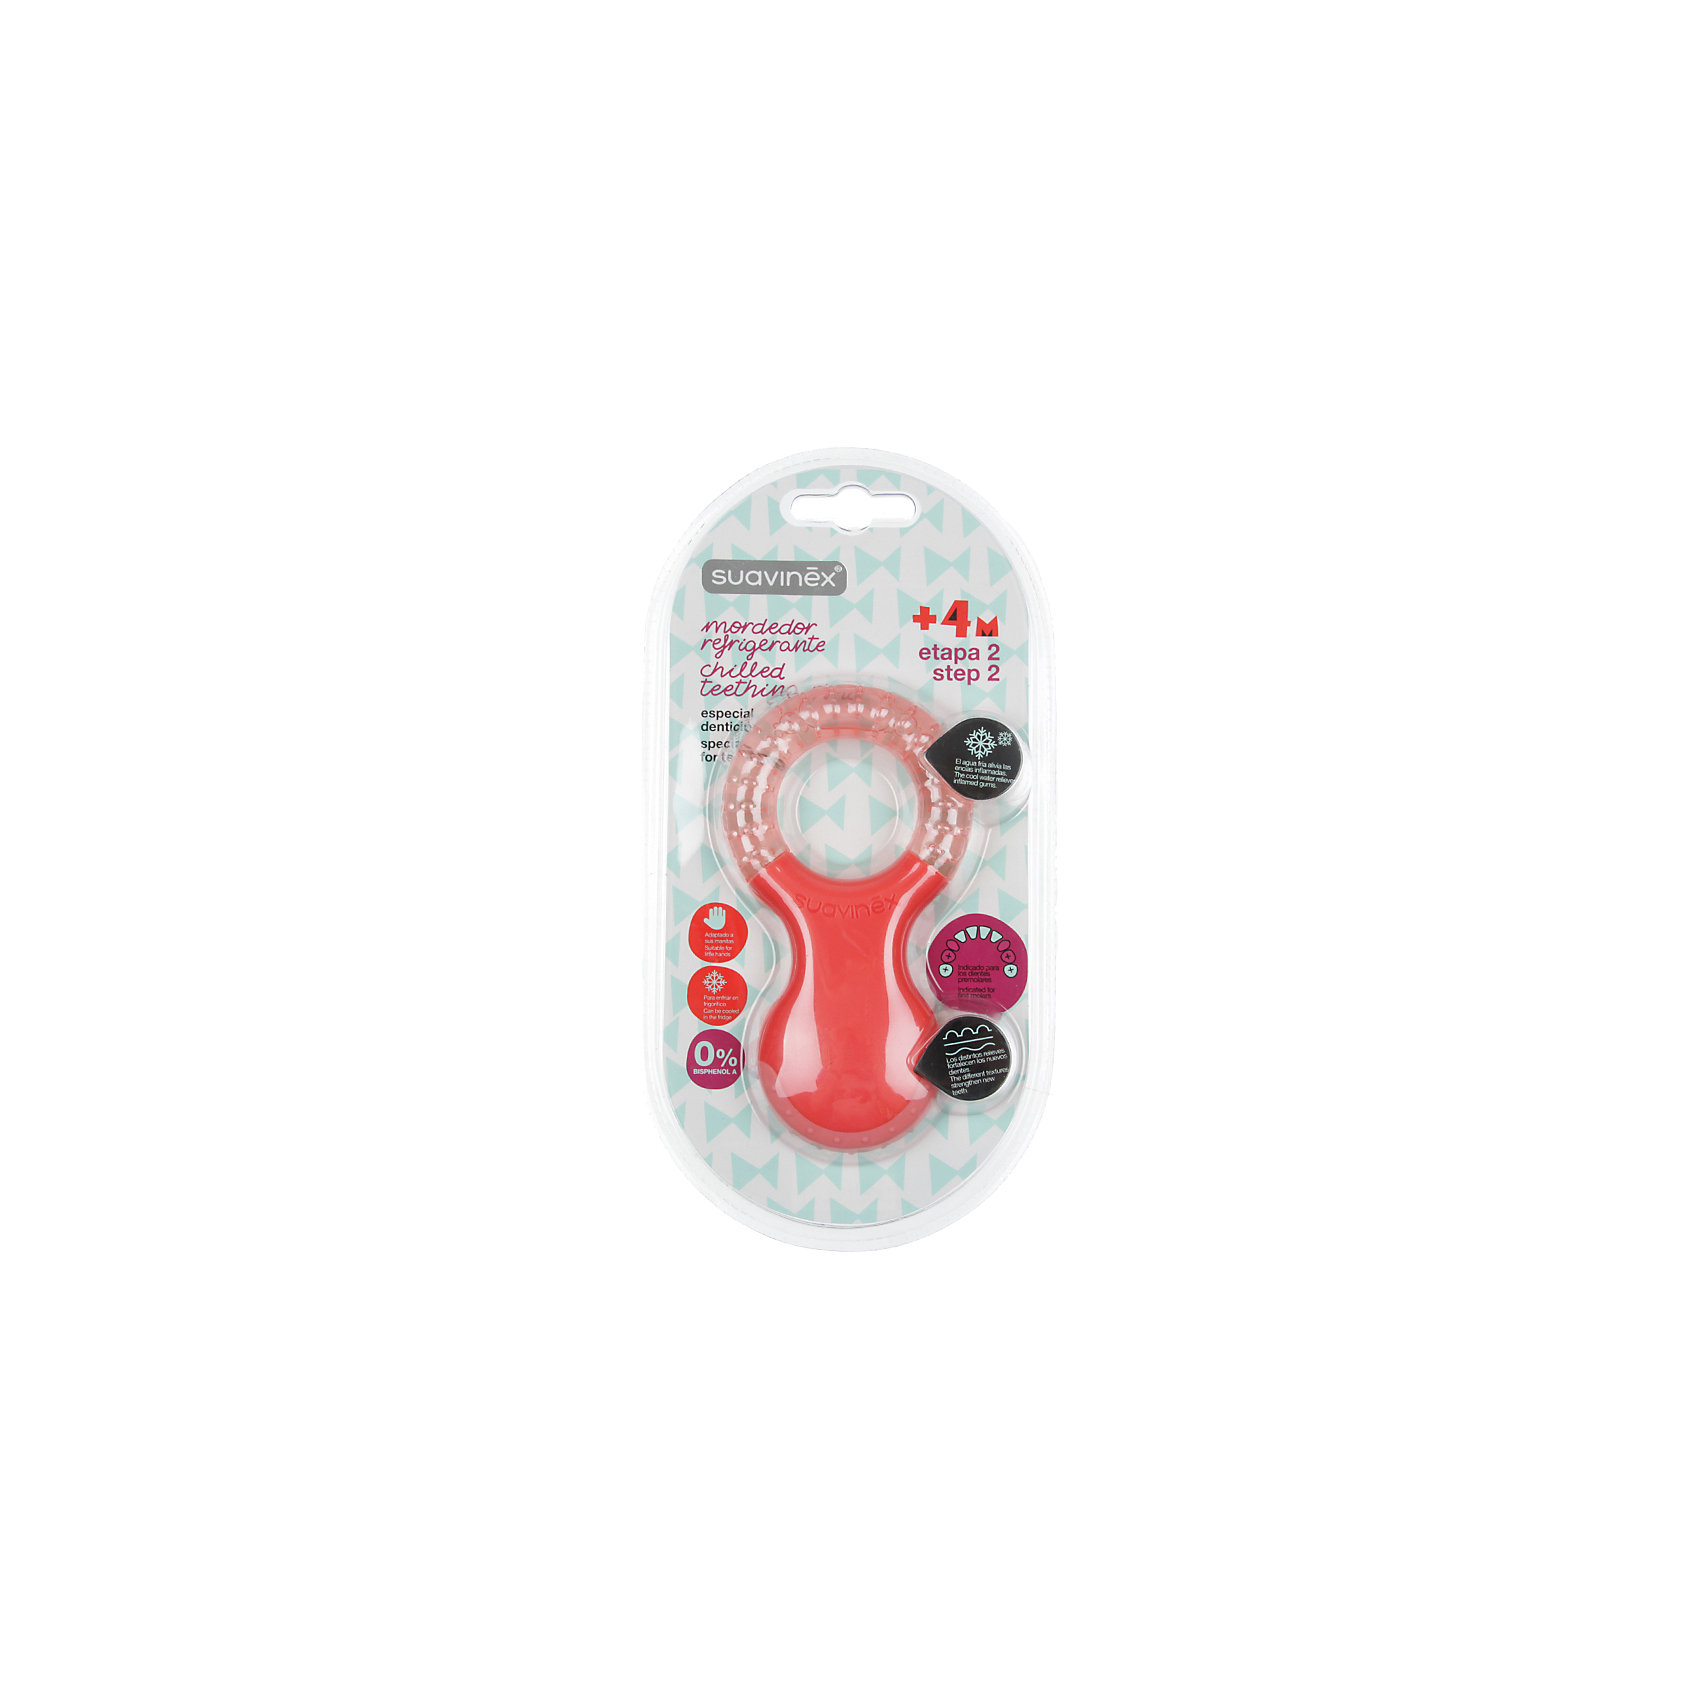 Прорезыватель-игрушка от 4мес. шаг 2, Suavinex, оранжевый